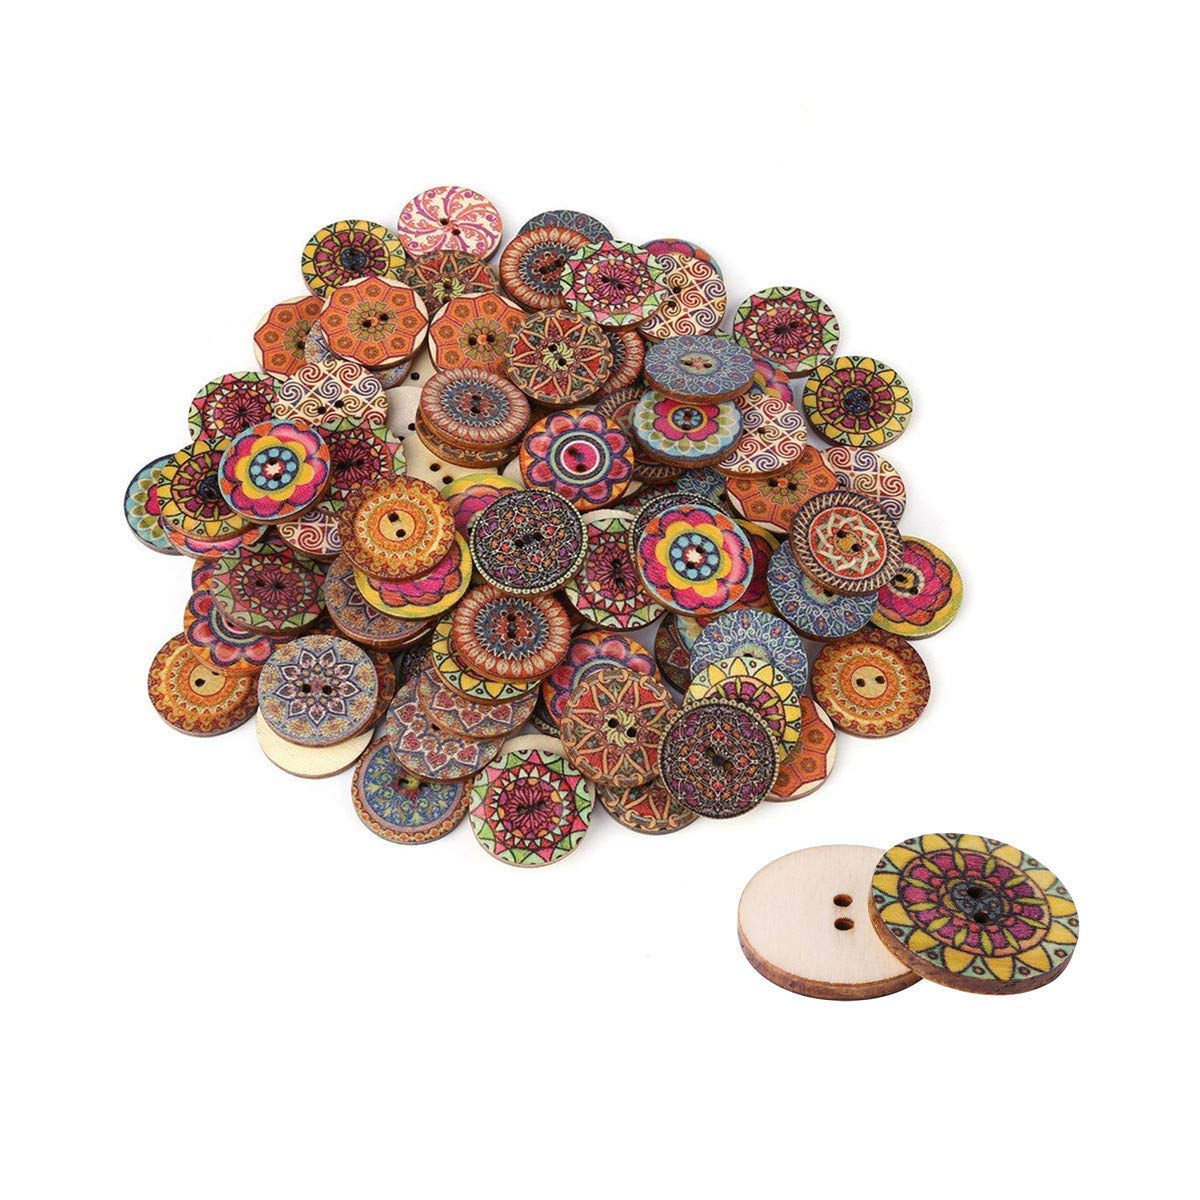 100 pezzi 25 mm colore misto liscio bottoni in legno vintage 2 fori bottoni in legno per la decorazione del mestiere di cucito fai da te o notebook